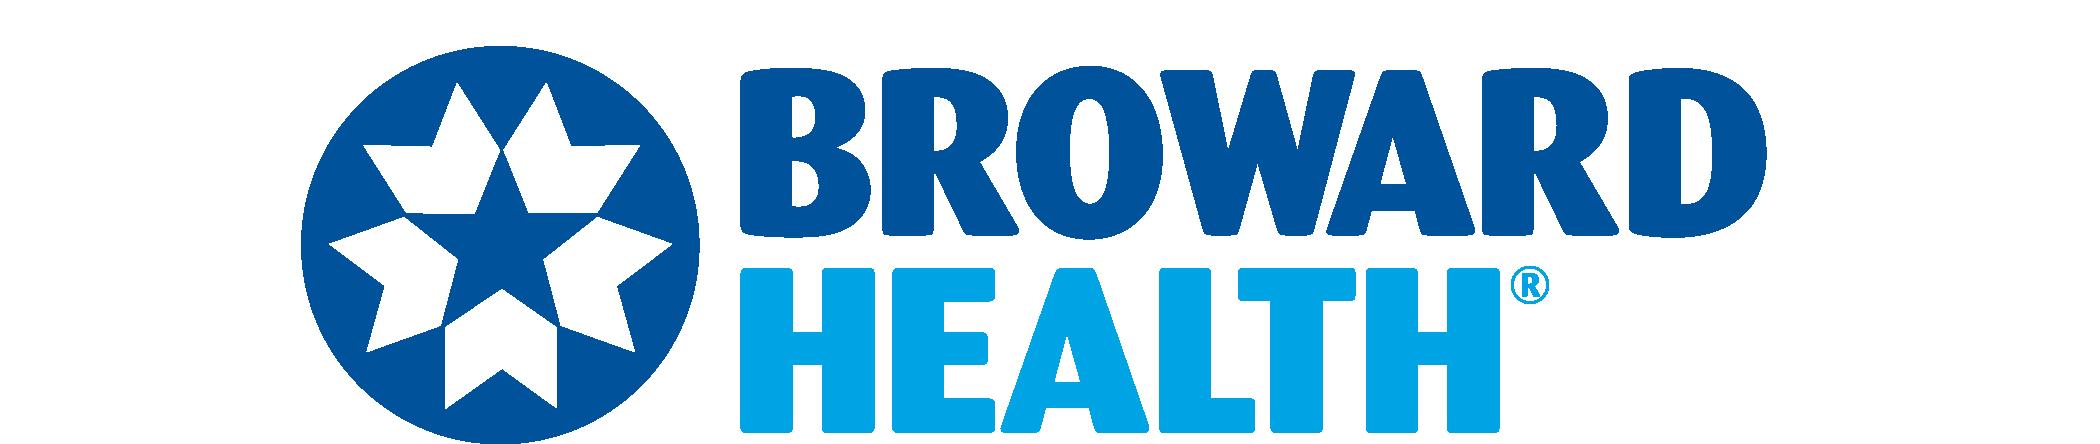 Broward Health logo